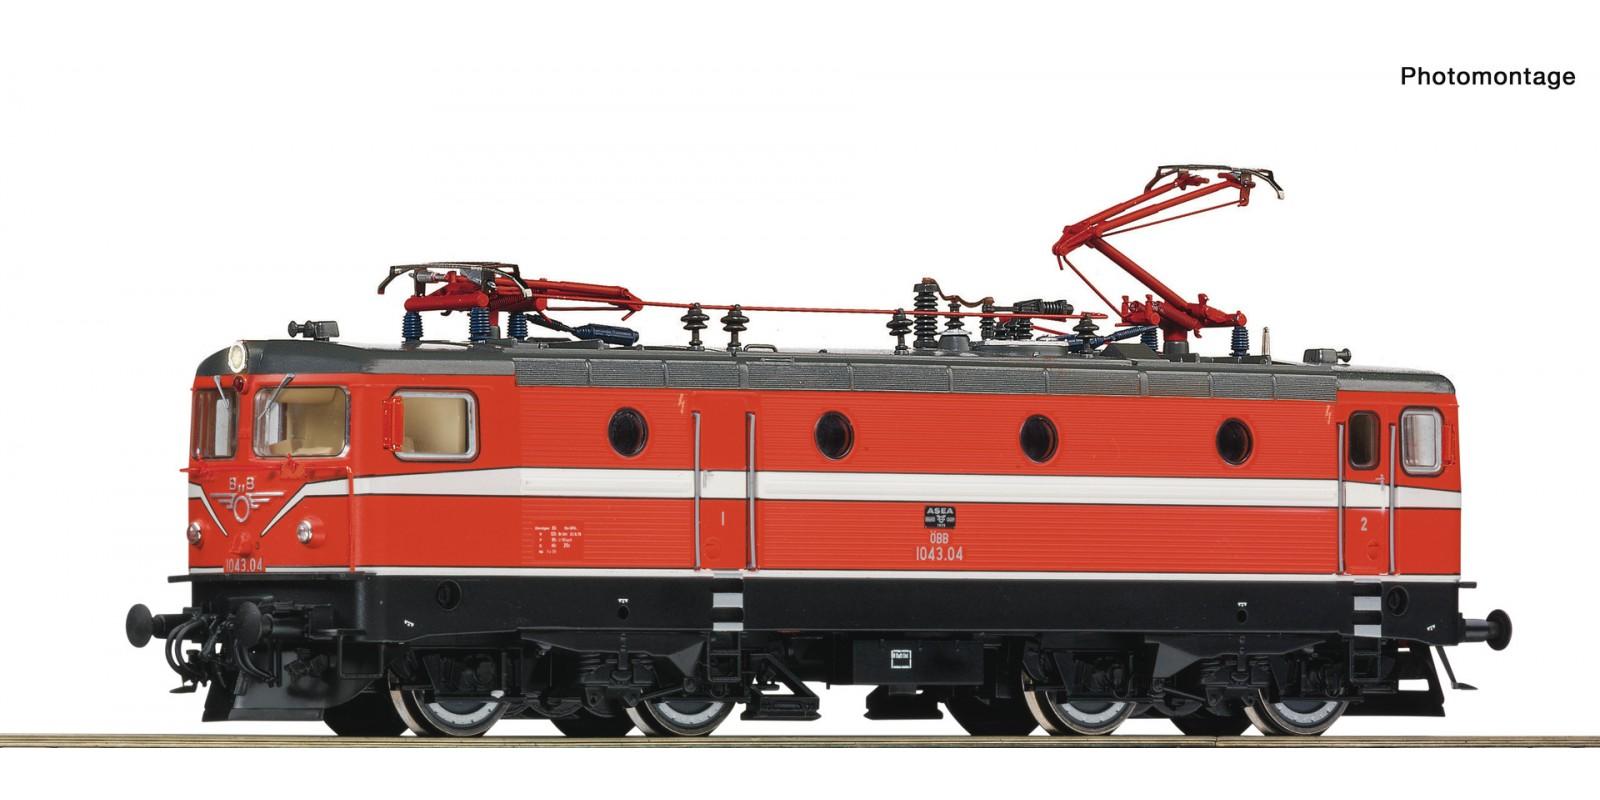 RO78454 Electric locomotive 1043.04